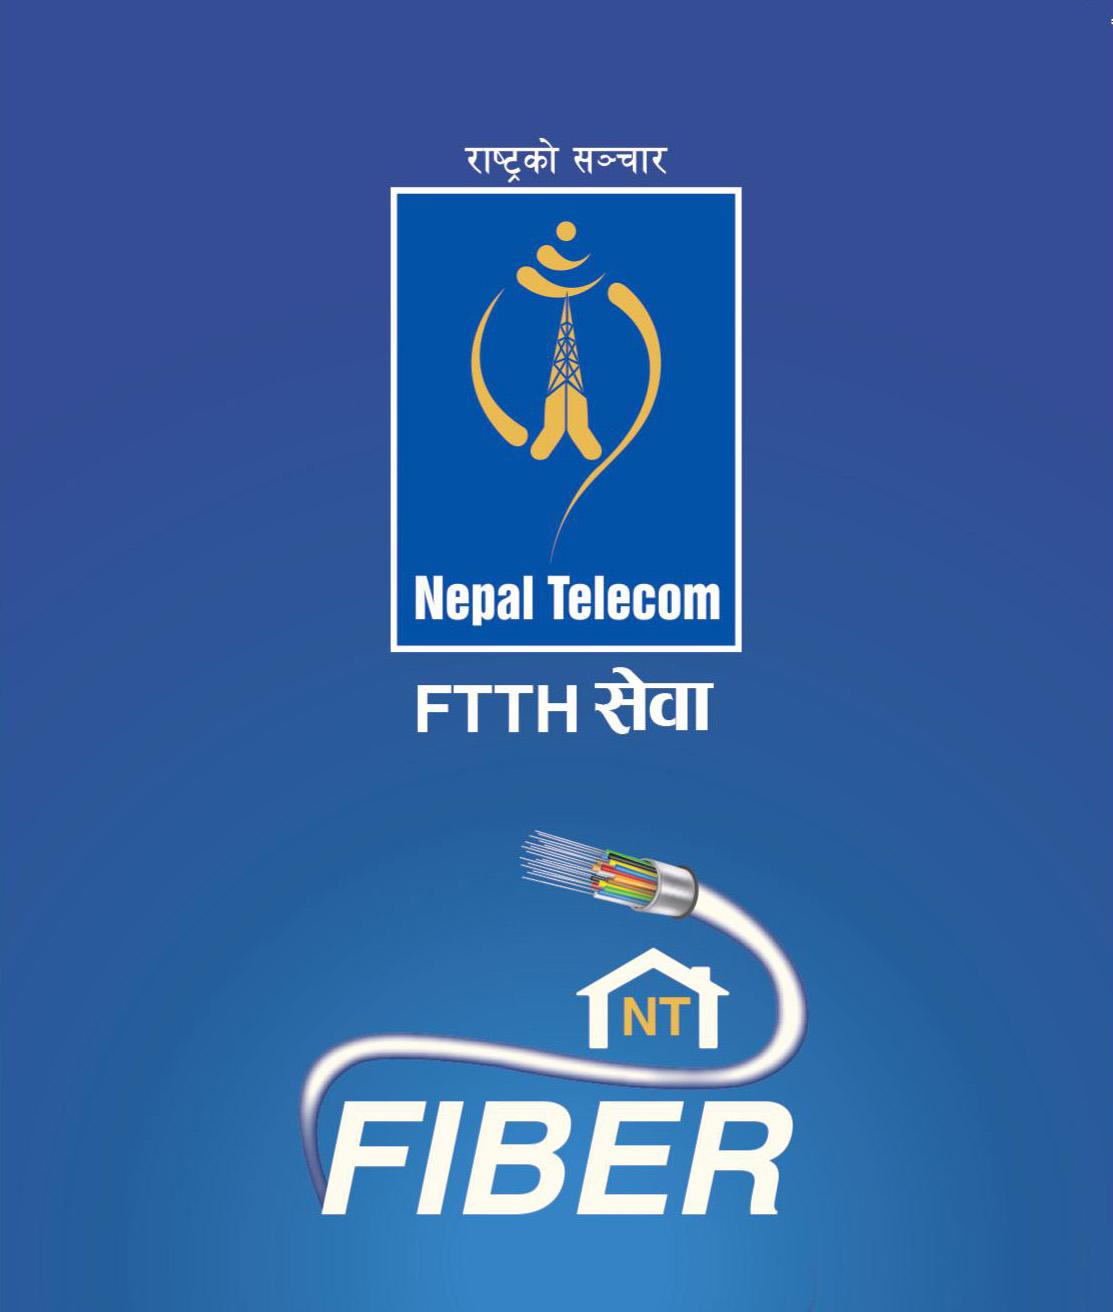 नेपाल टेलिकमको एफटीटीएच सेवा  २५ जिल्लाका विभिन्न स्थानमा उपलब्ध